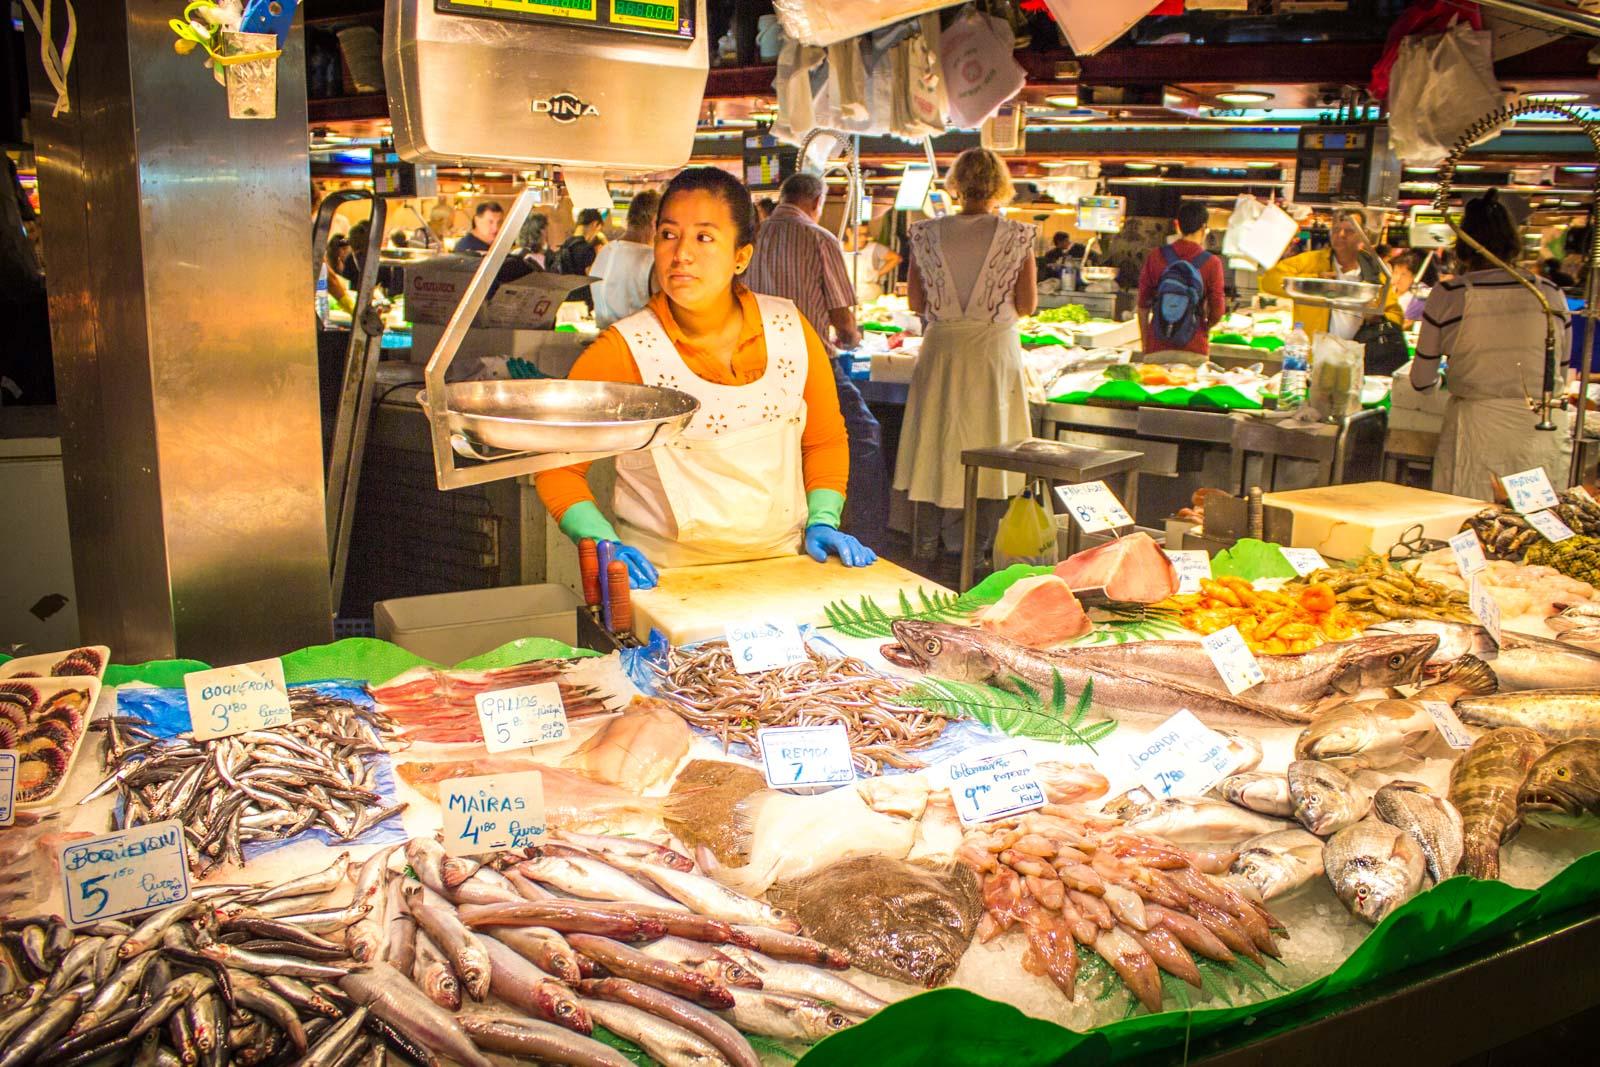 La Boqueria Markets, Barcelona, Spain